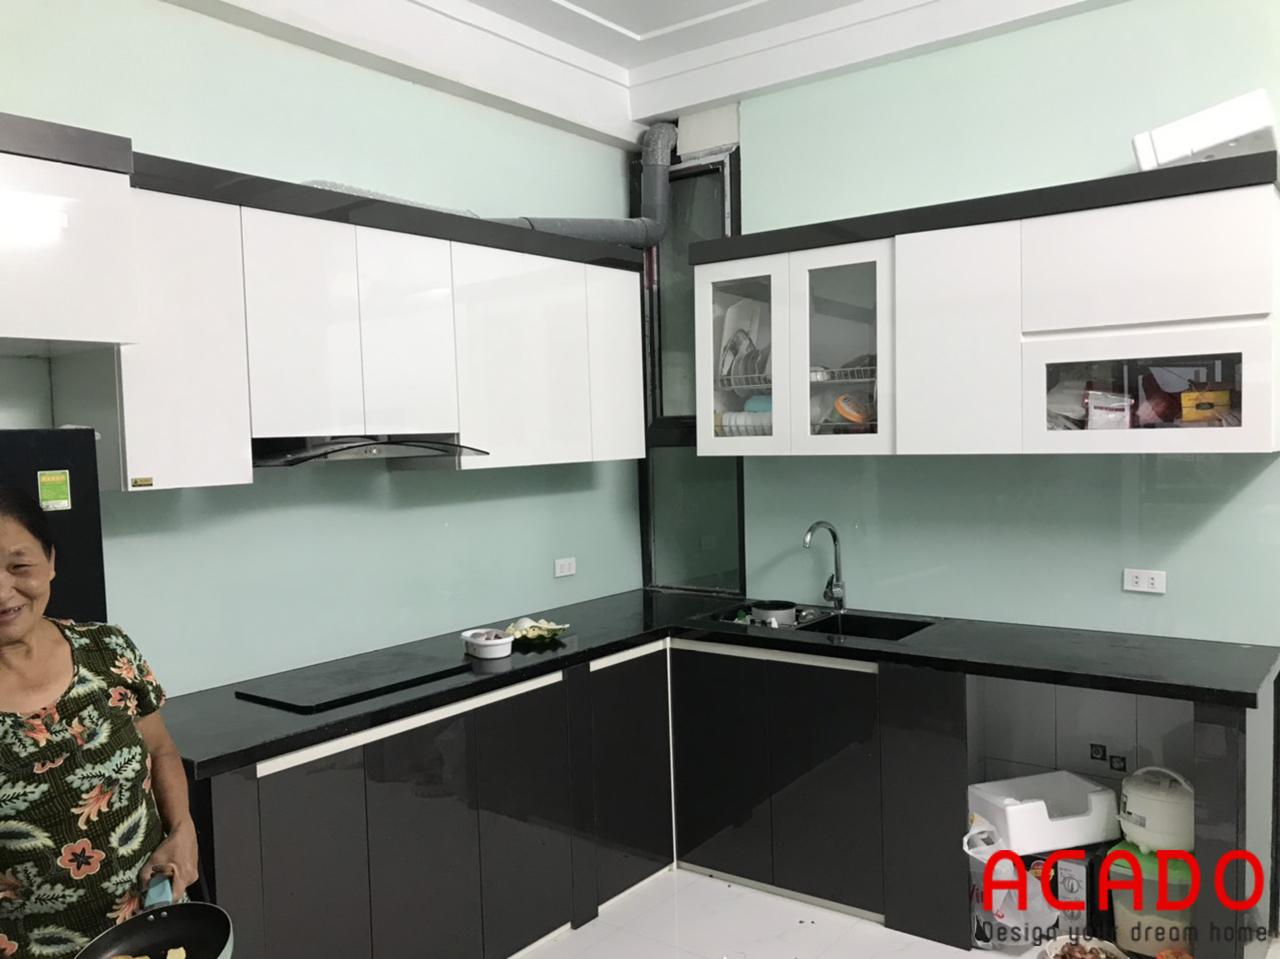 Kết hợp kính bếp màu xanh trắng cho căn bếp thêm hiện đại - thi công nội thất tại kiến hưng